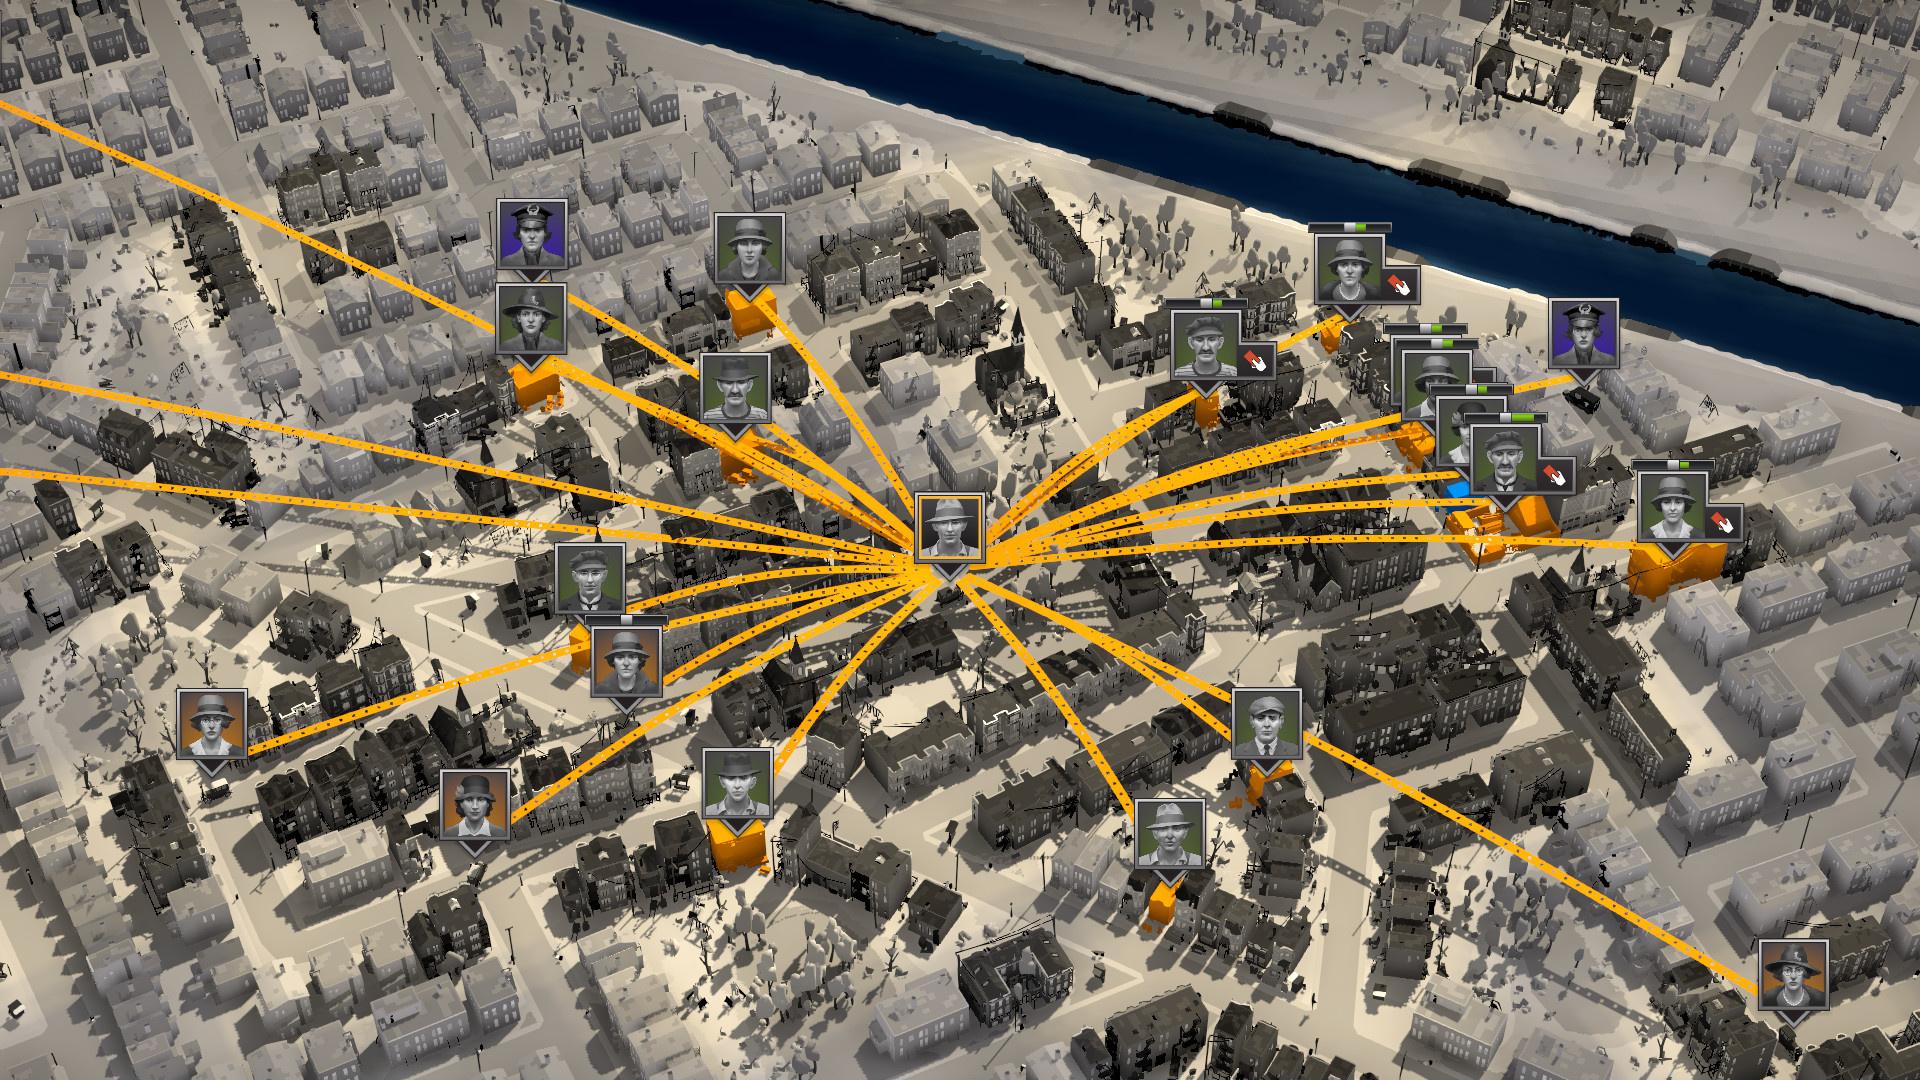 В City of Gangsters скоро стартует эксклюзивное закрытое бета-тестирование